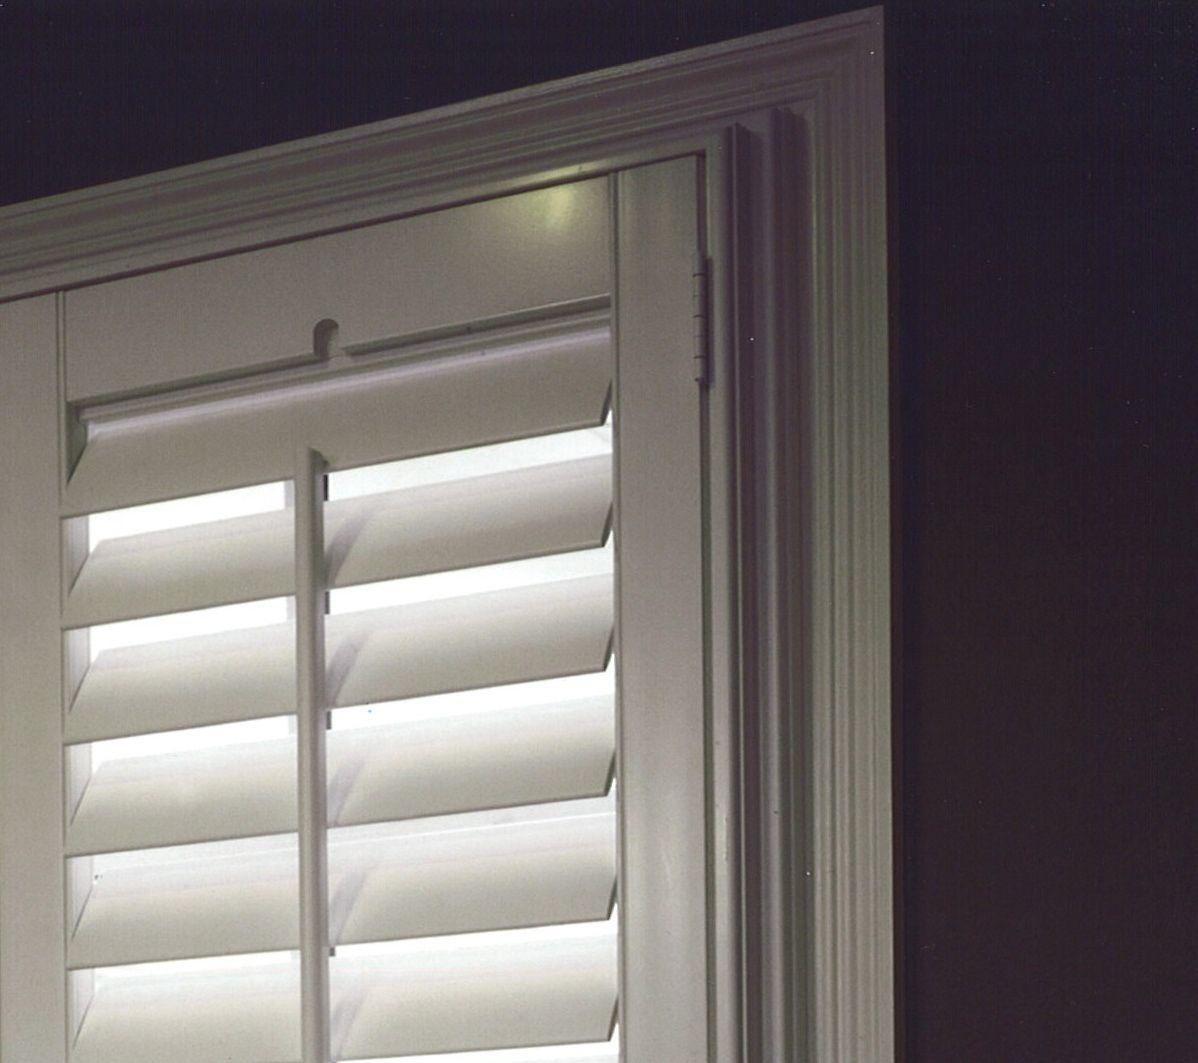 Window coverings shutters  shutters with outside trim  window u door treatments  pinterest